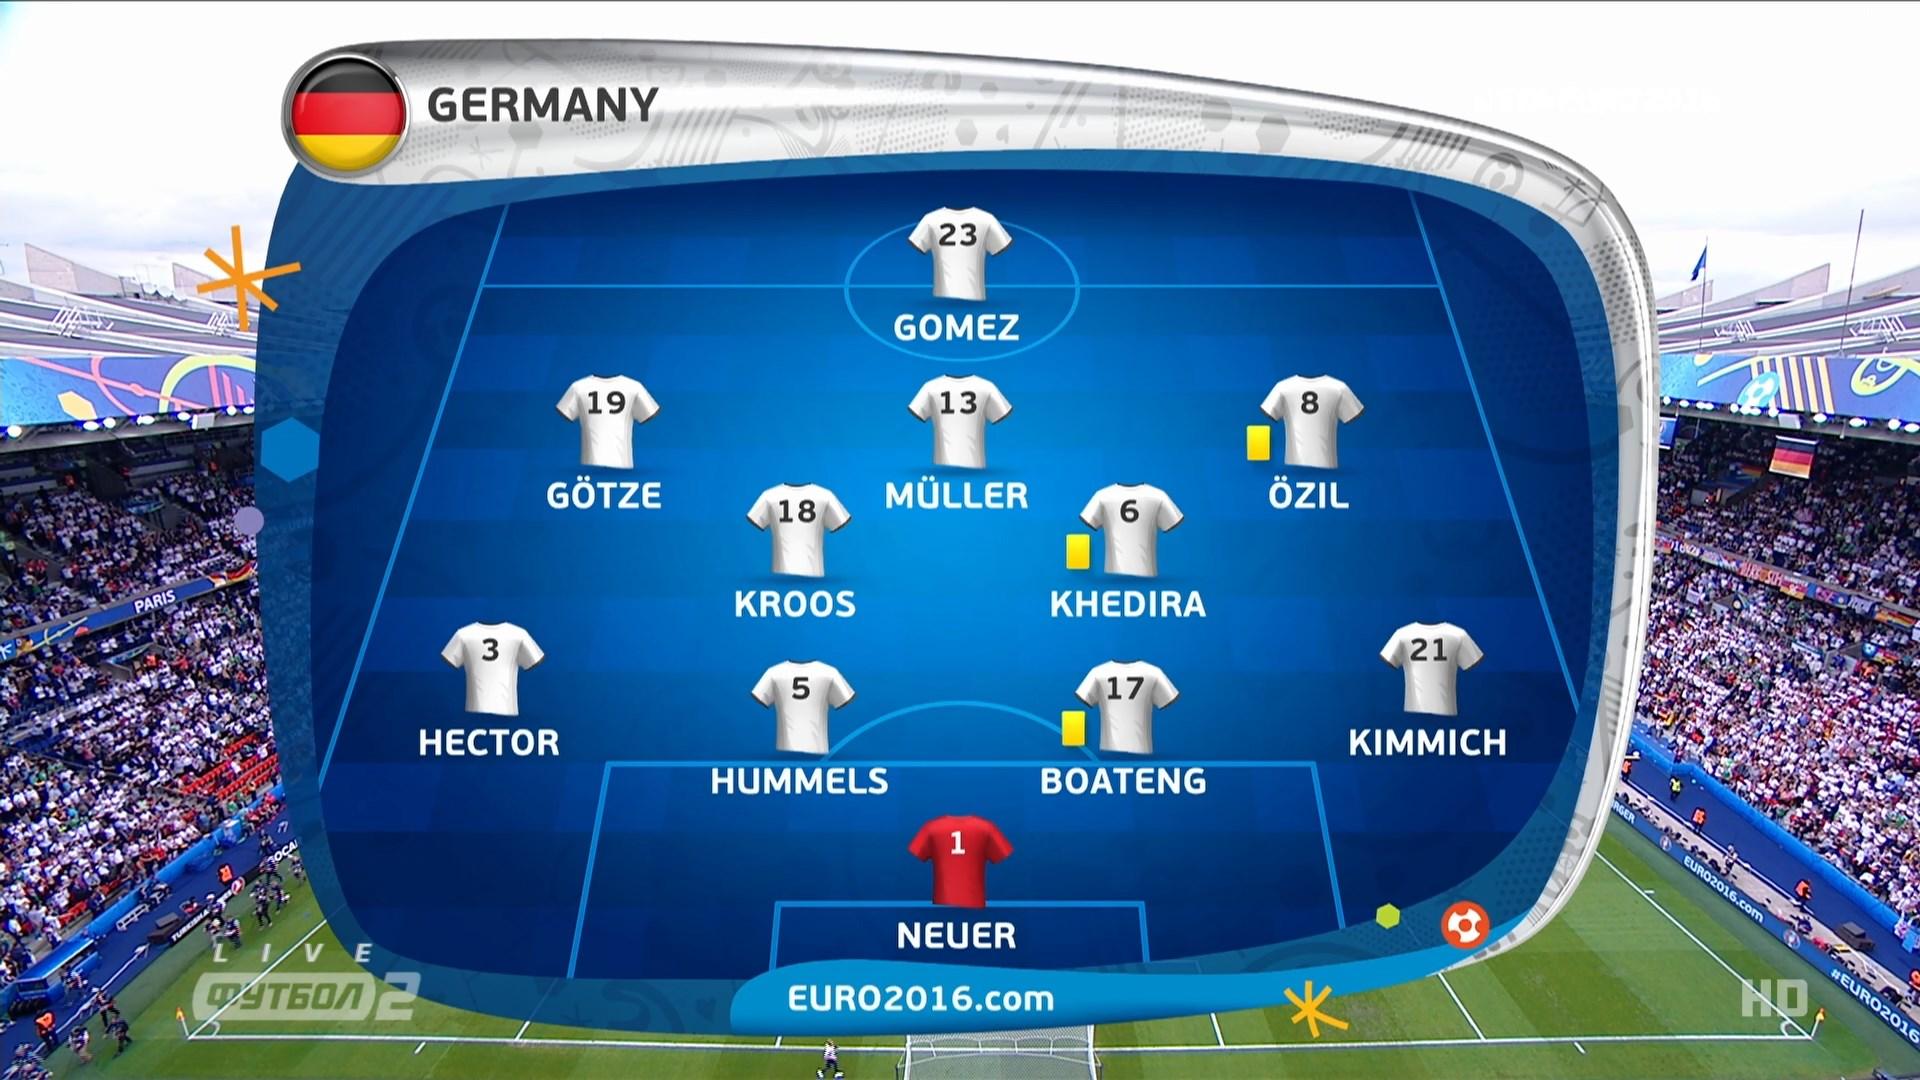 обзор матчей на евро 2016 за 19 июня вариант, можно